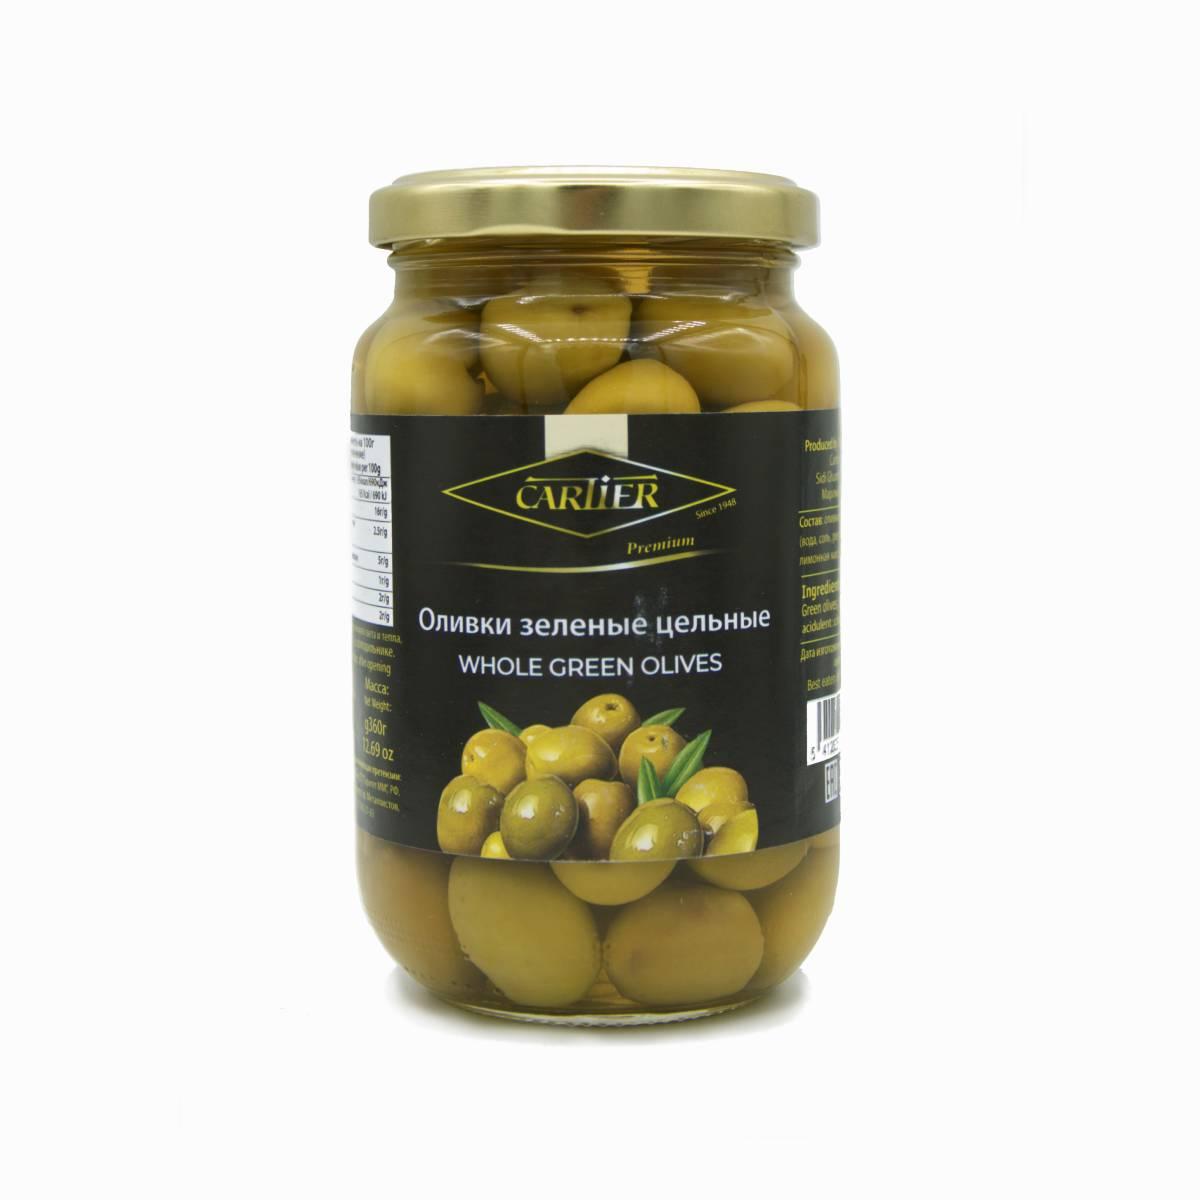 Оливки зелёные с косточкой, Cartier, 360 г